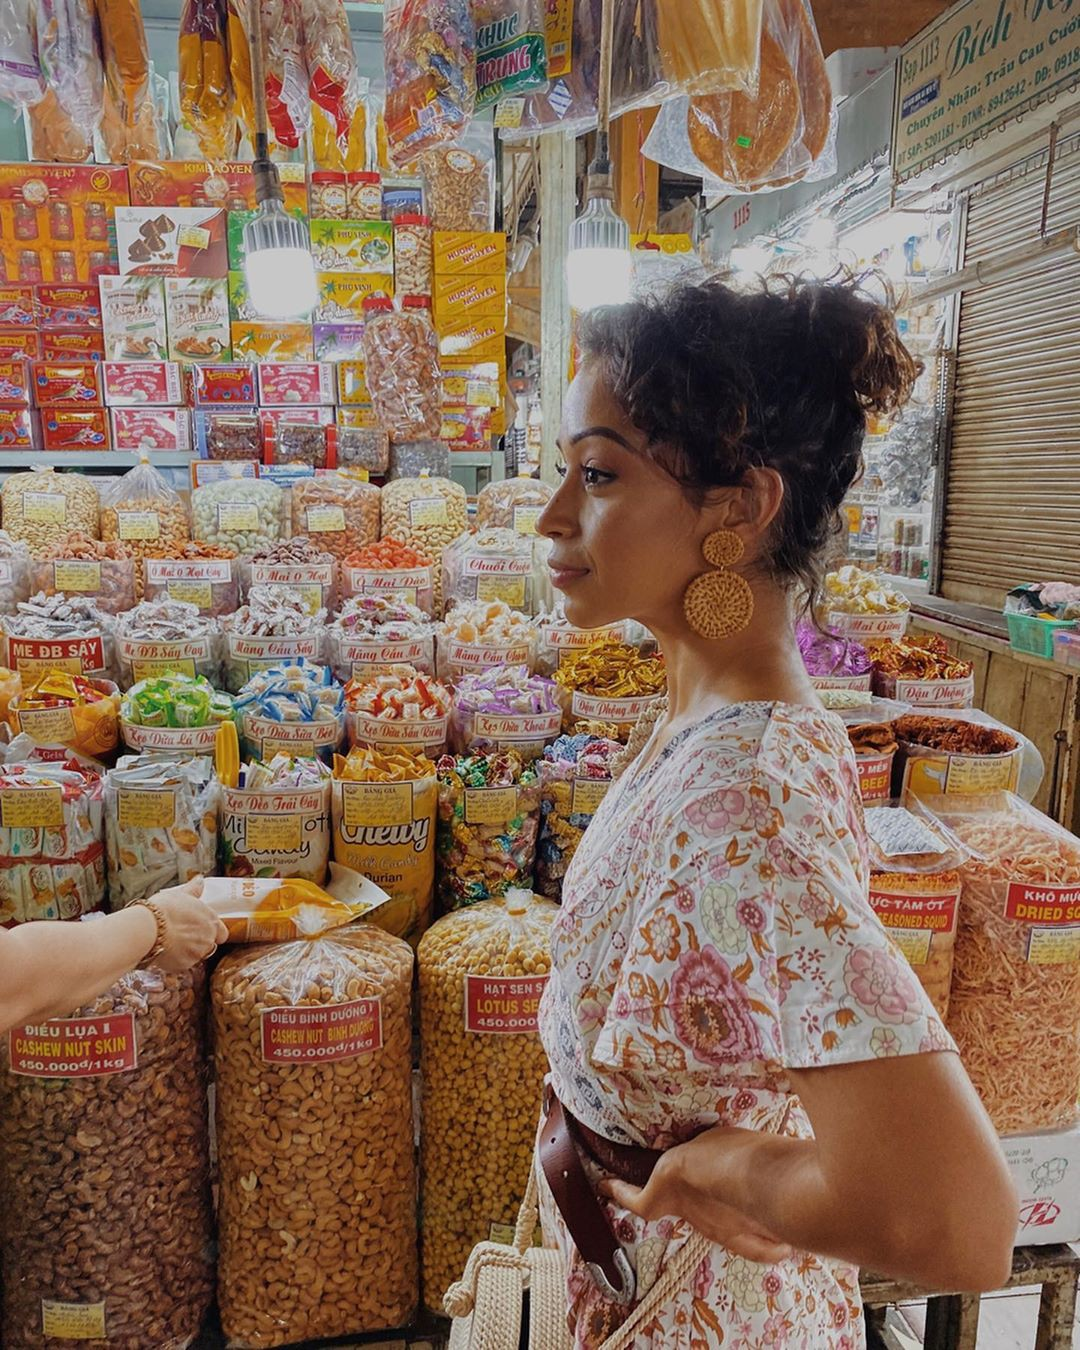 Liza Koshy Outerwear, human settlement, grocery store